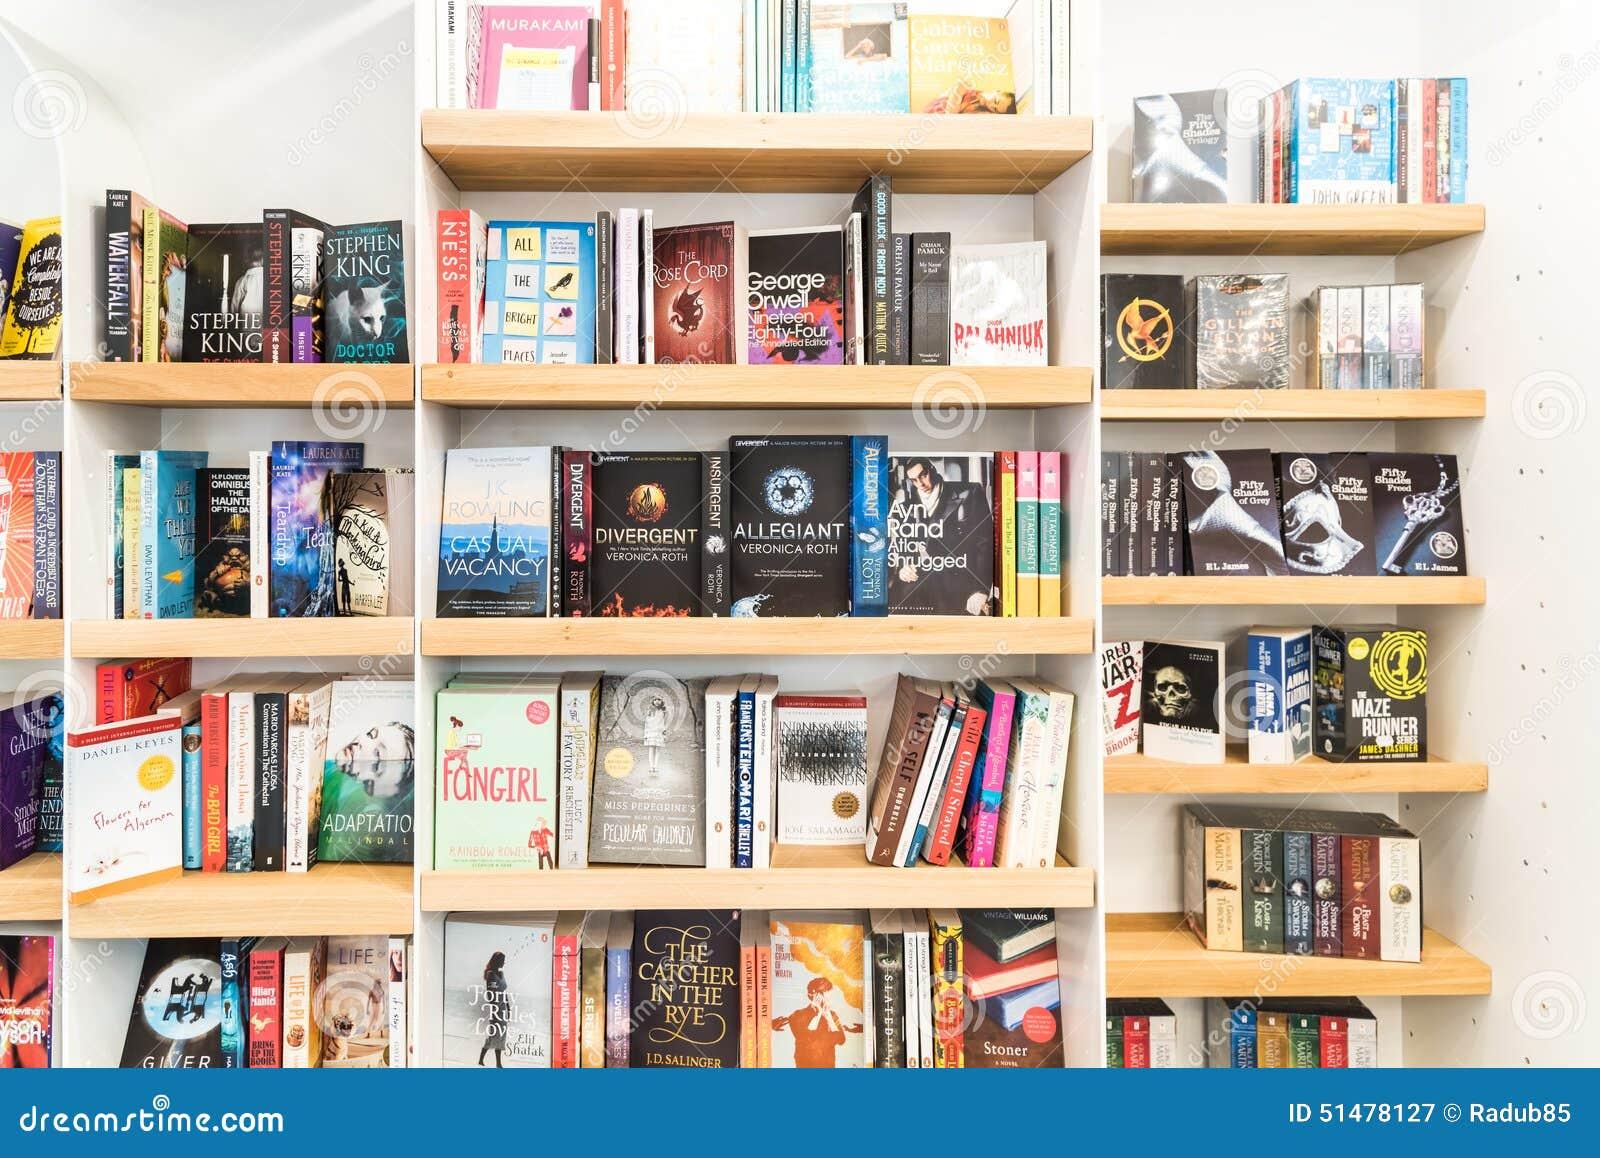 Бестселлер записывает для продажи на полке библиотеки